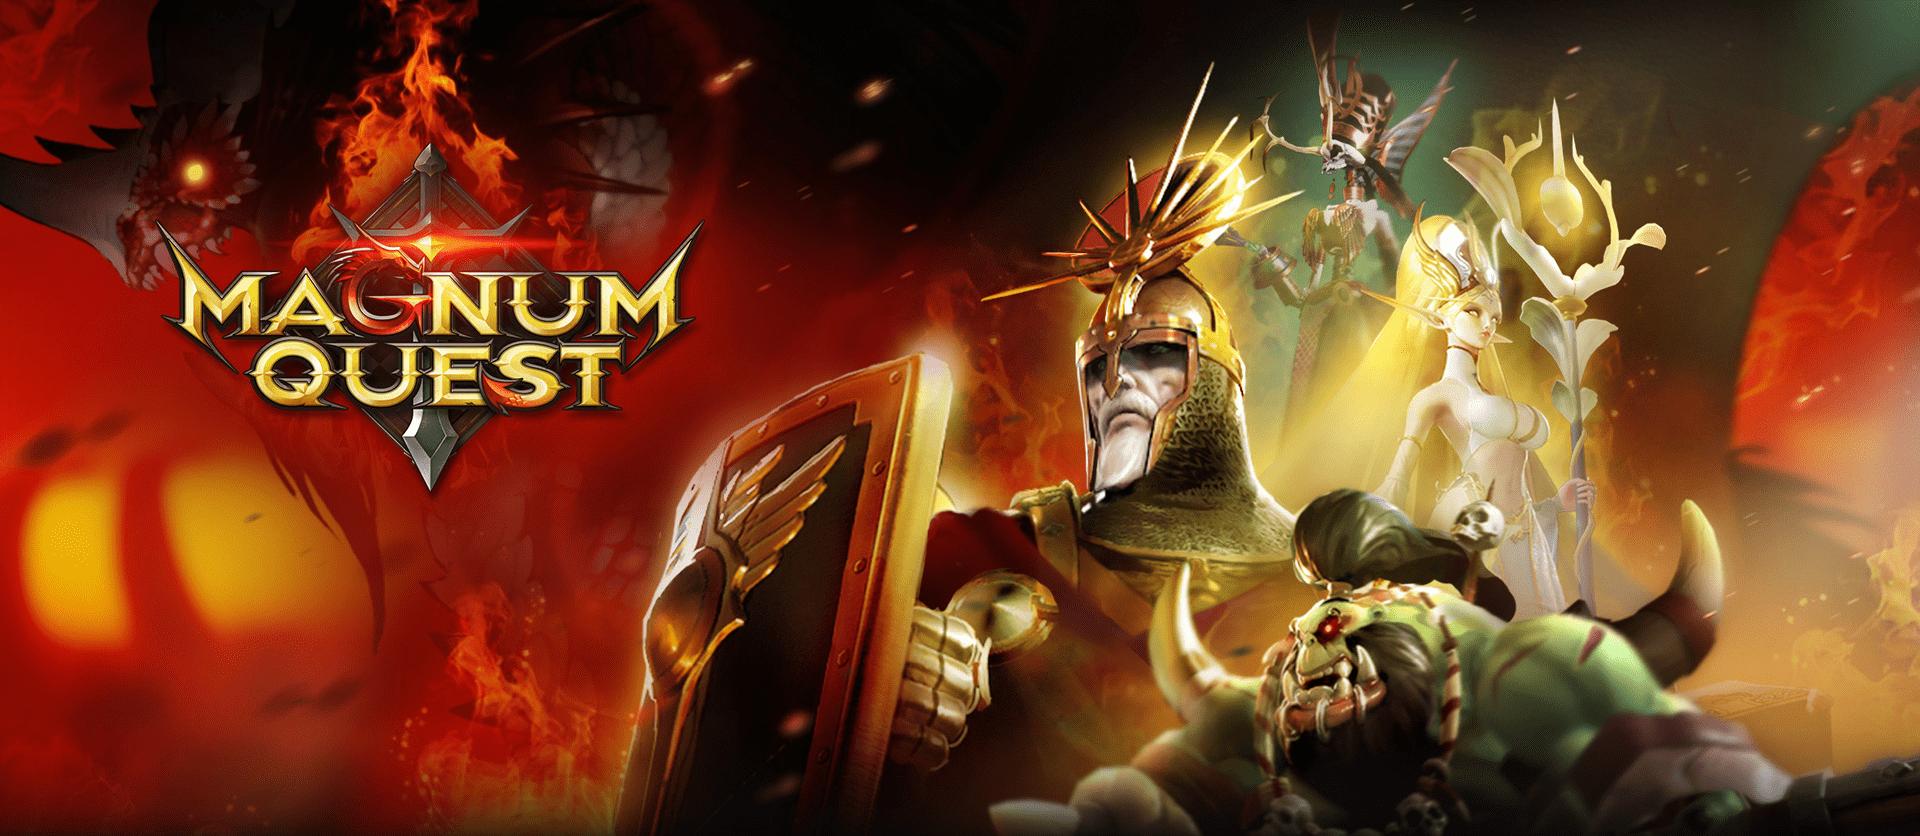 Magnum Quest —обзор, начальный гайд и лучшие герои для комфортного старта